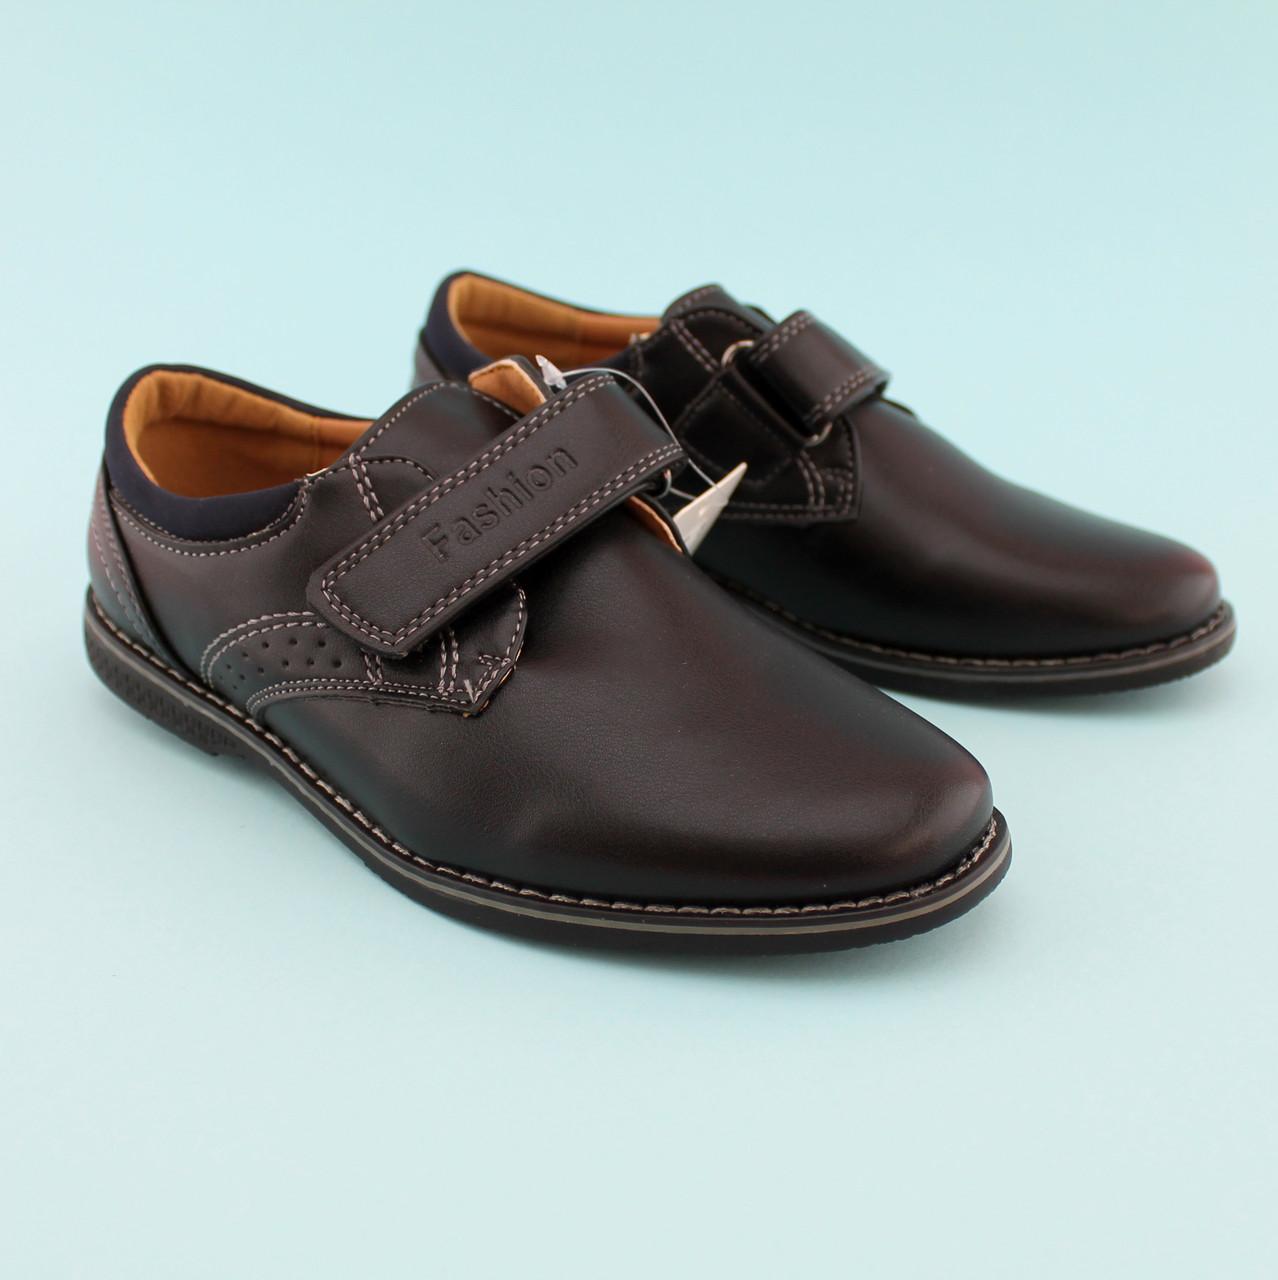 Туфлі хлопчикові підлітку Чорні в школу Tom.m розмір 34,35,36,37